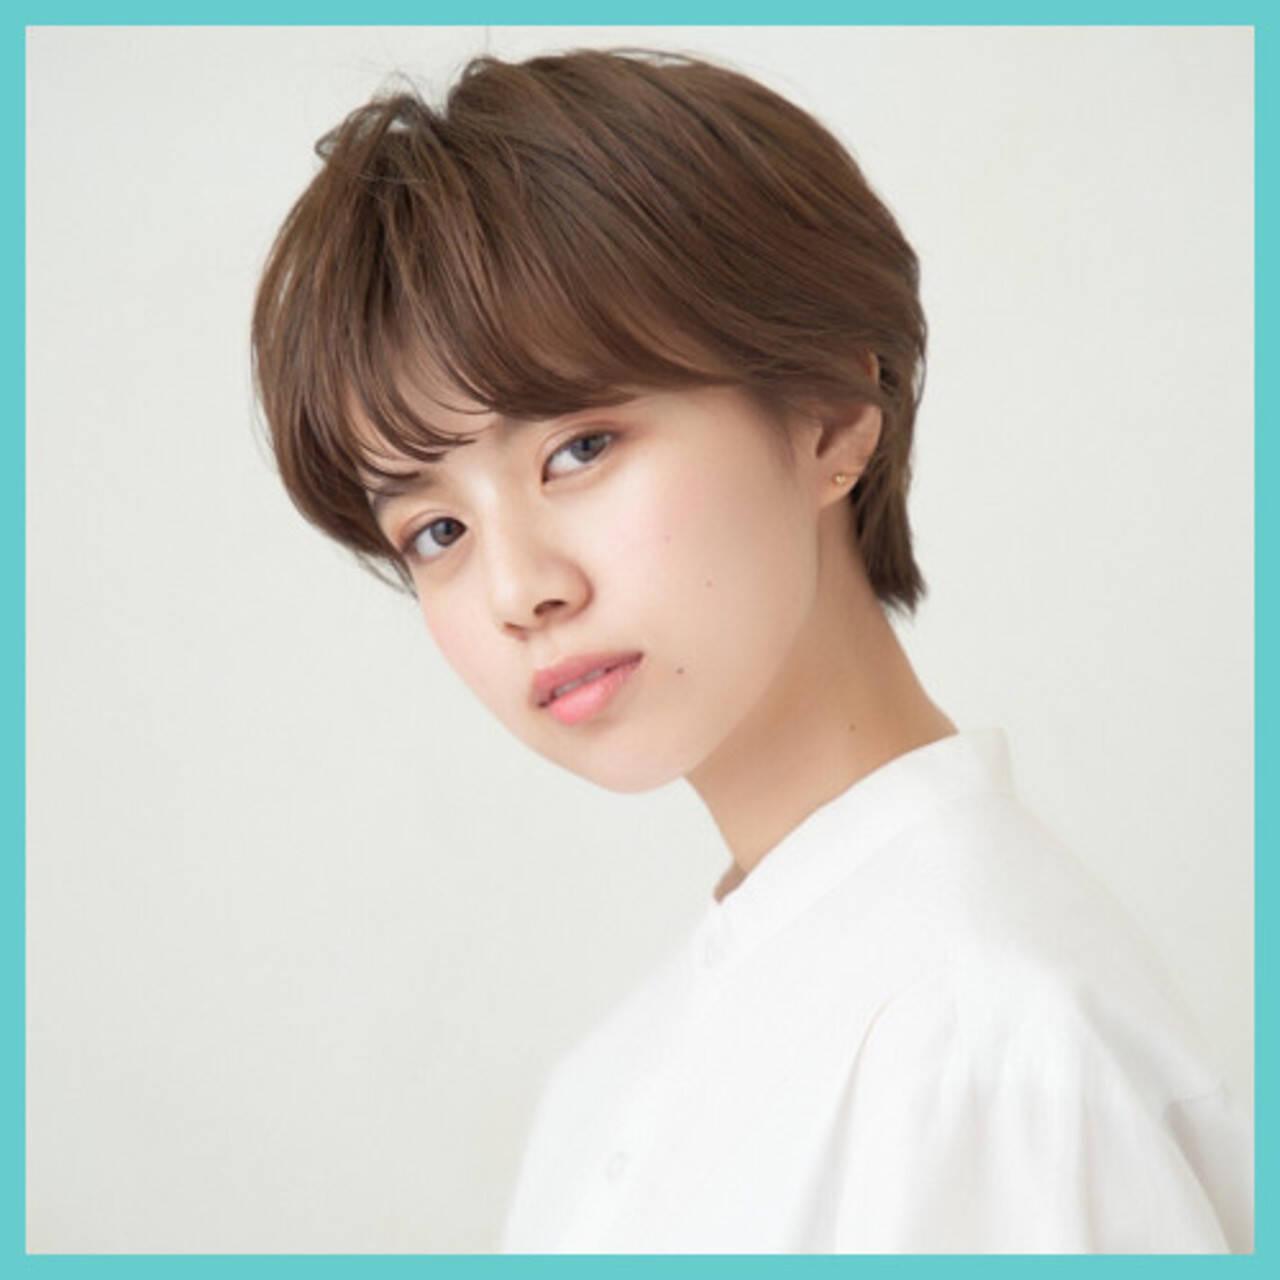 ショートヘア ナチュラル ハンサムショート 前髪ありヘアスタイルや髪型の写真・画像